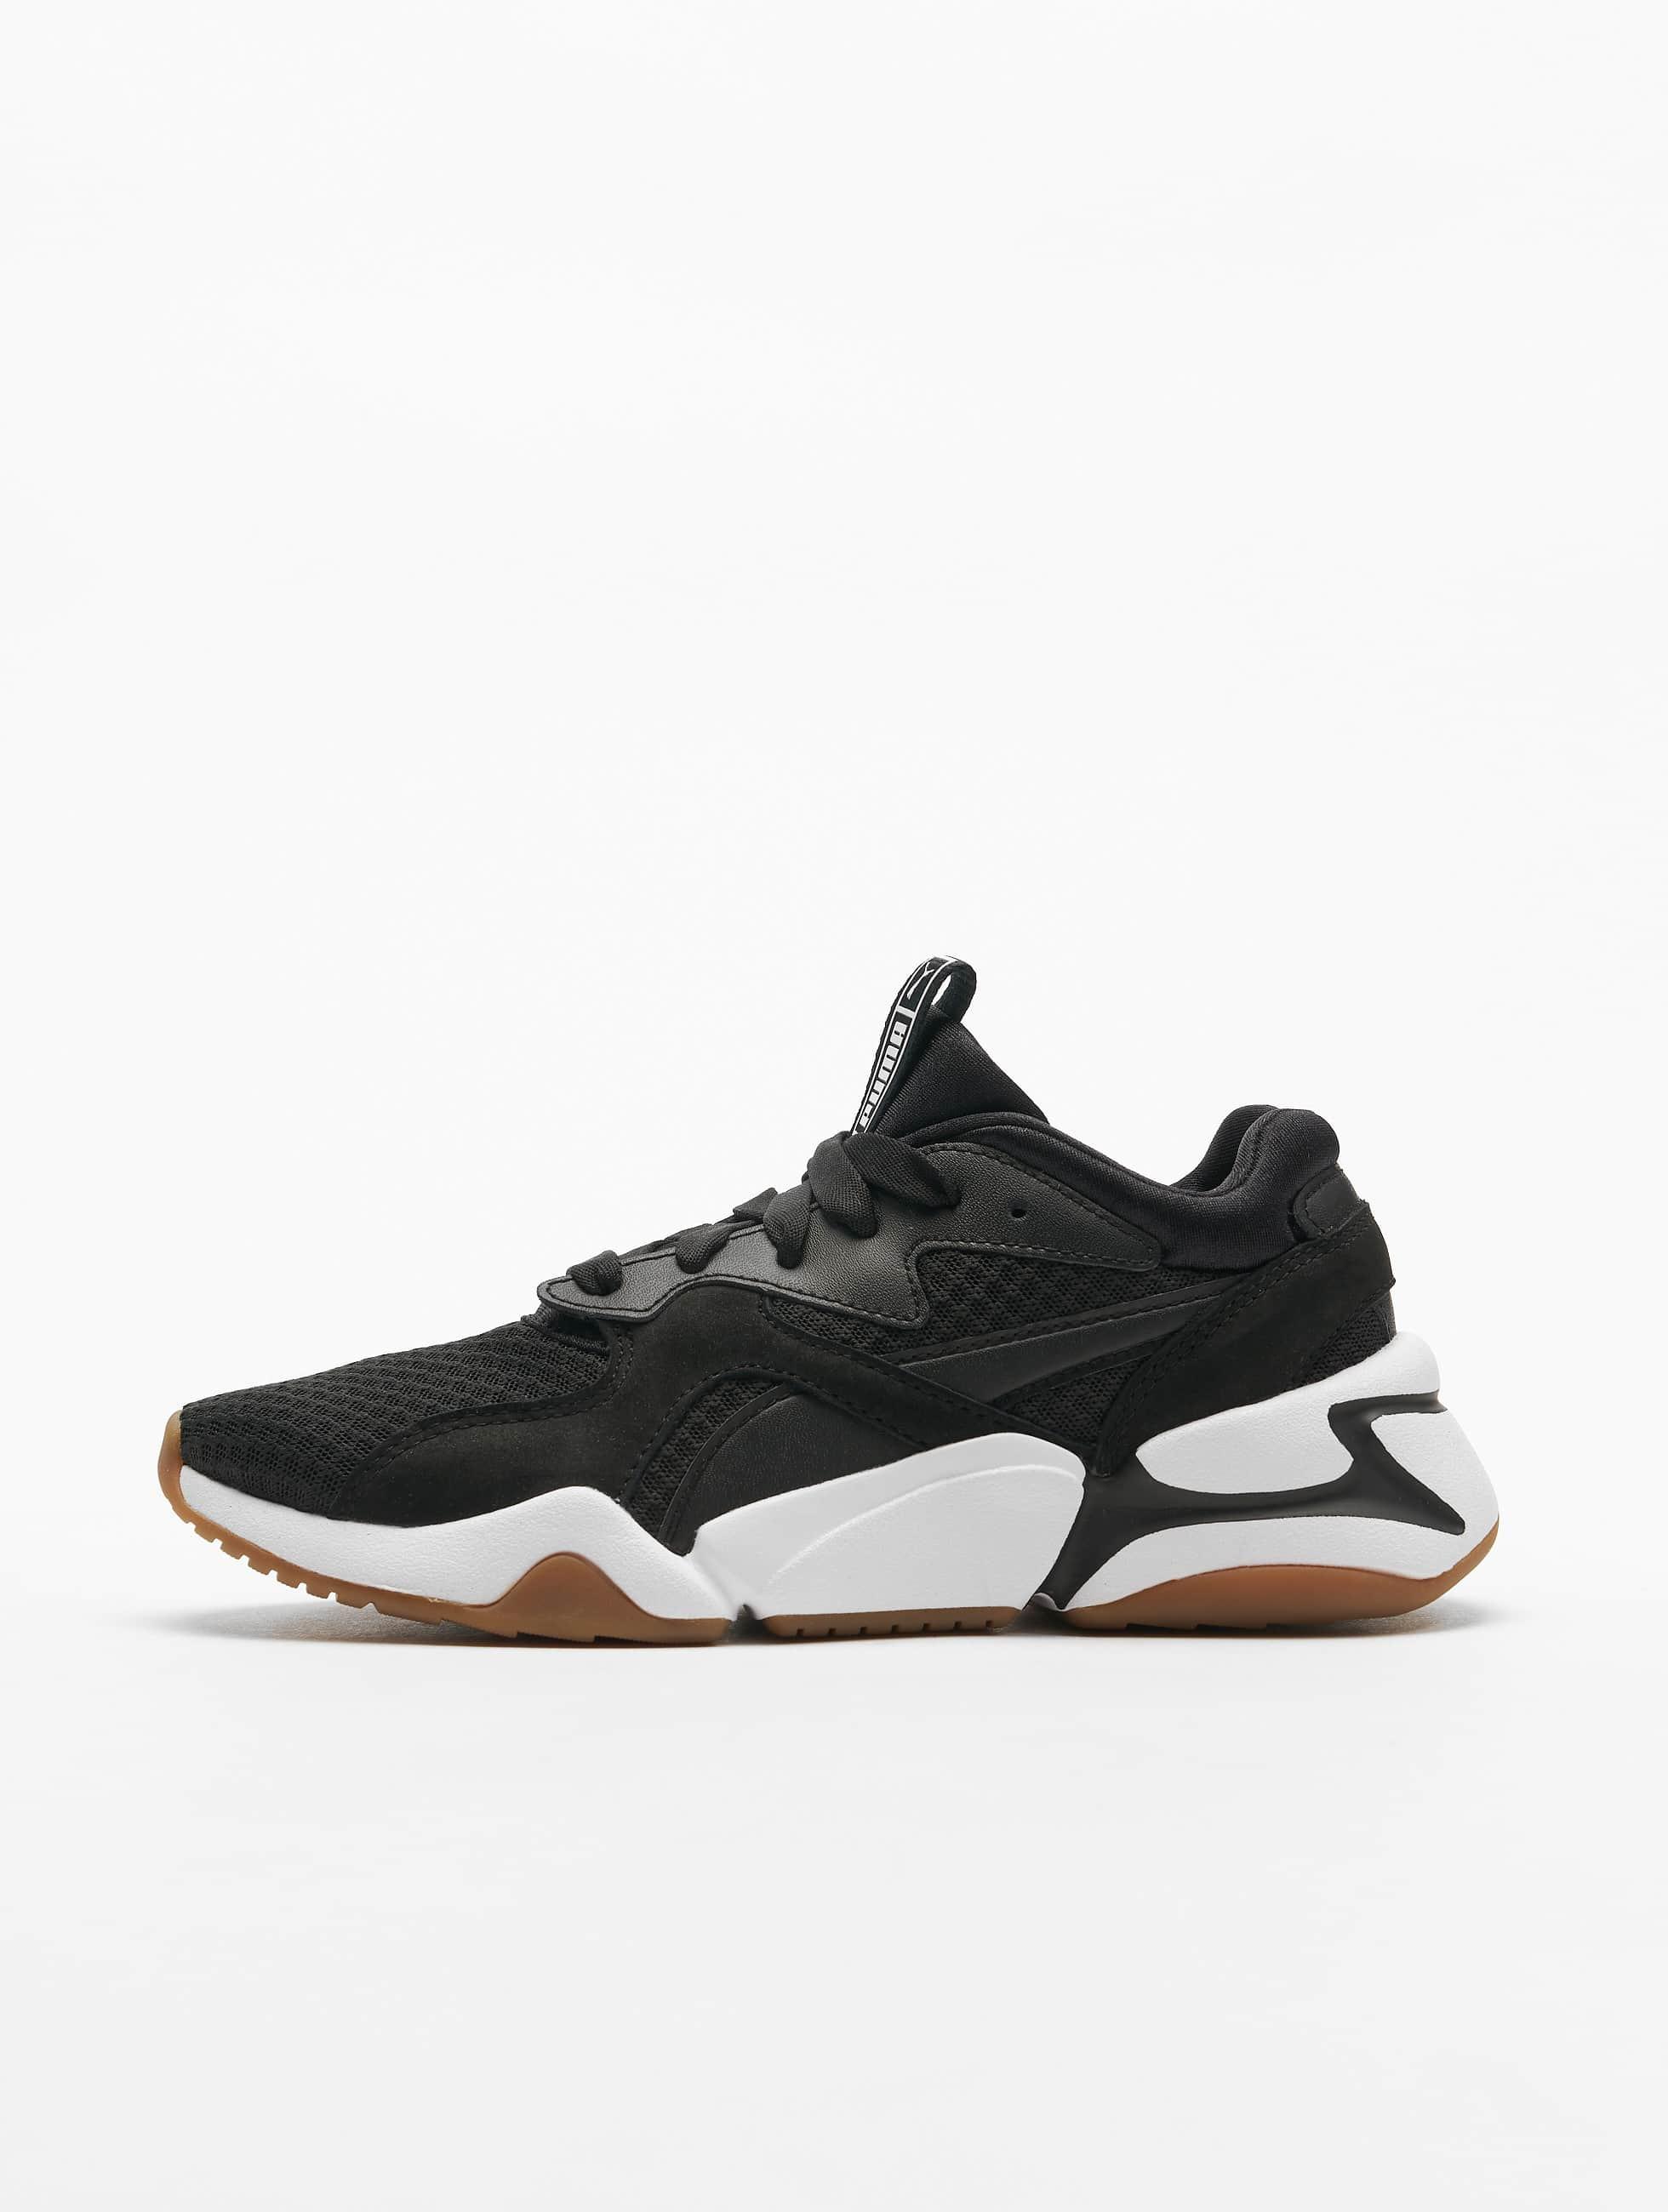 Puma Damen Sneaker Thunder Desert in grün 607099